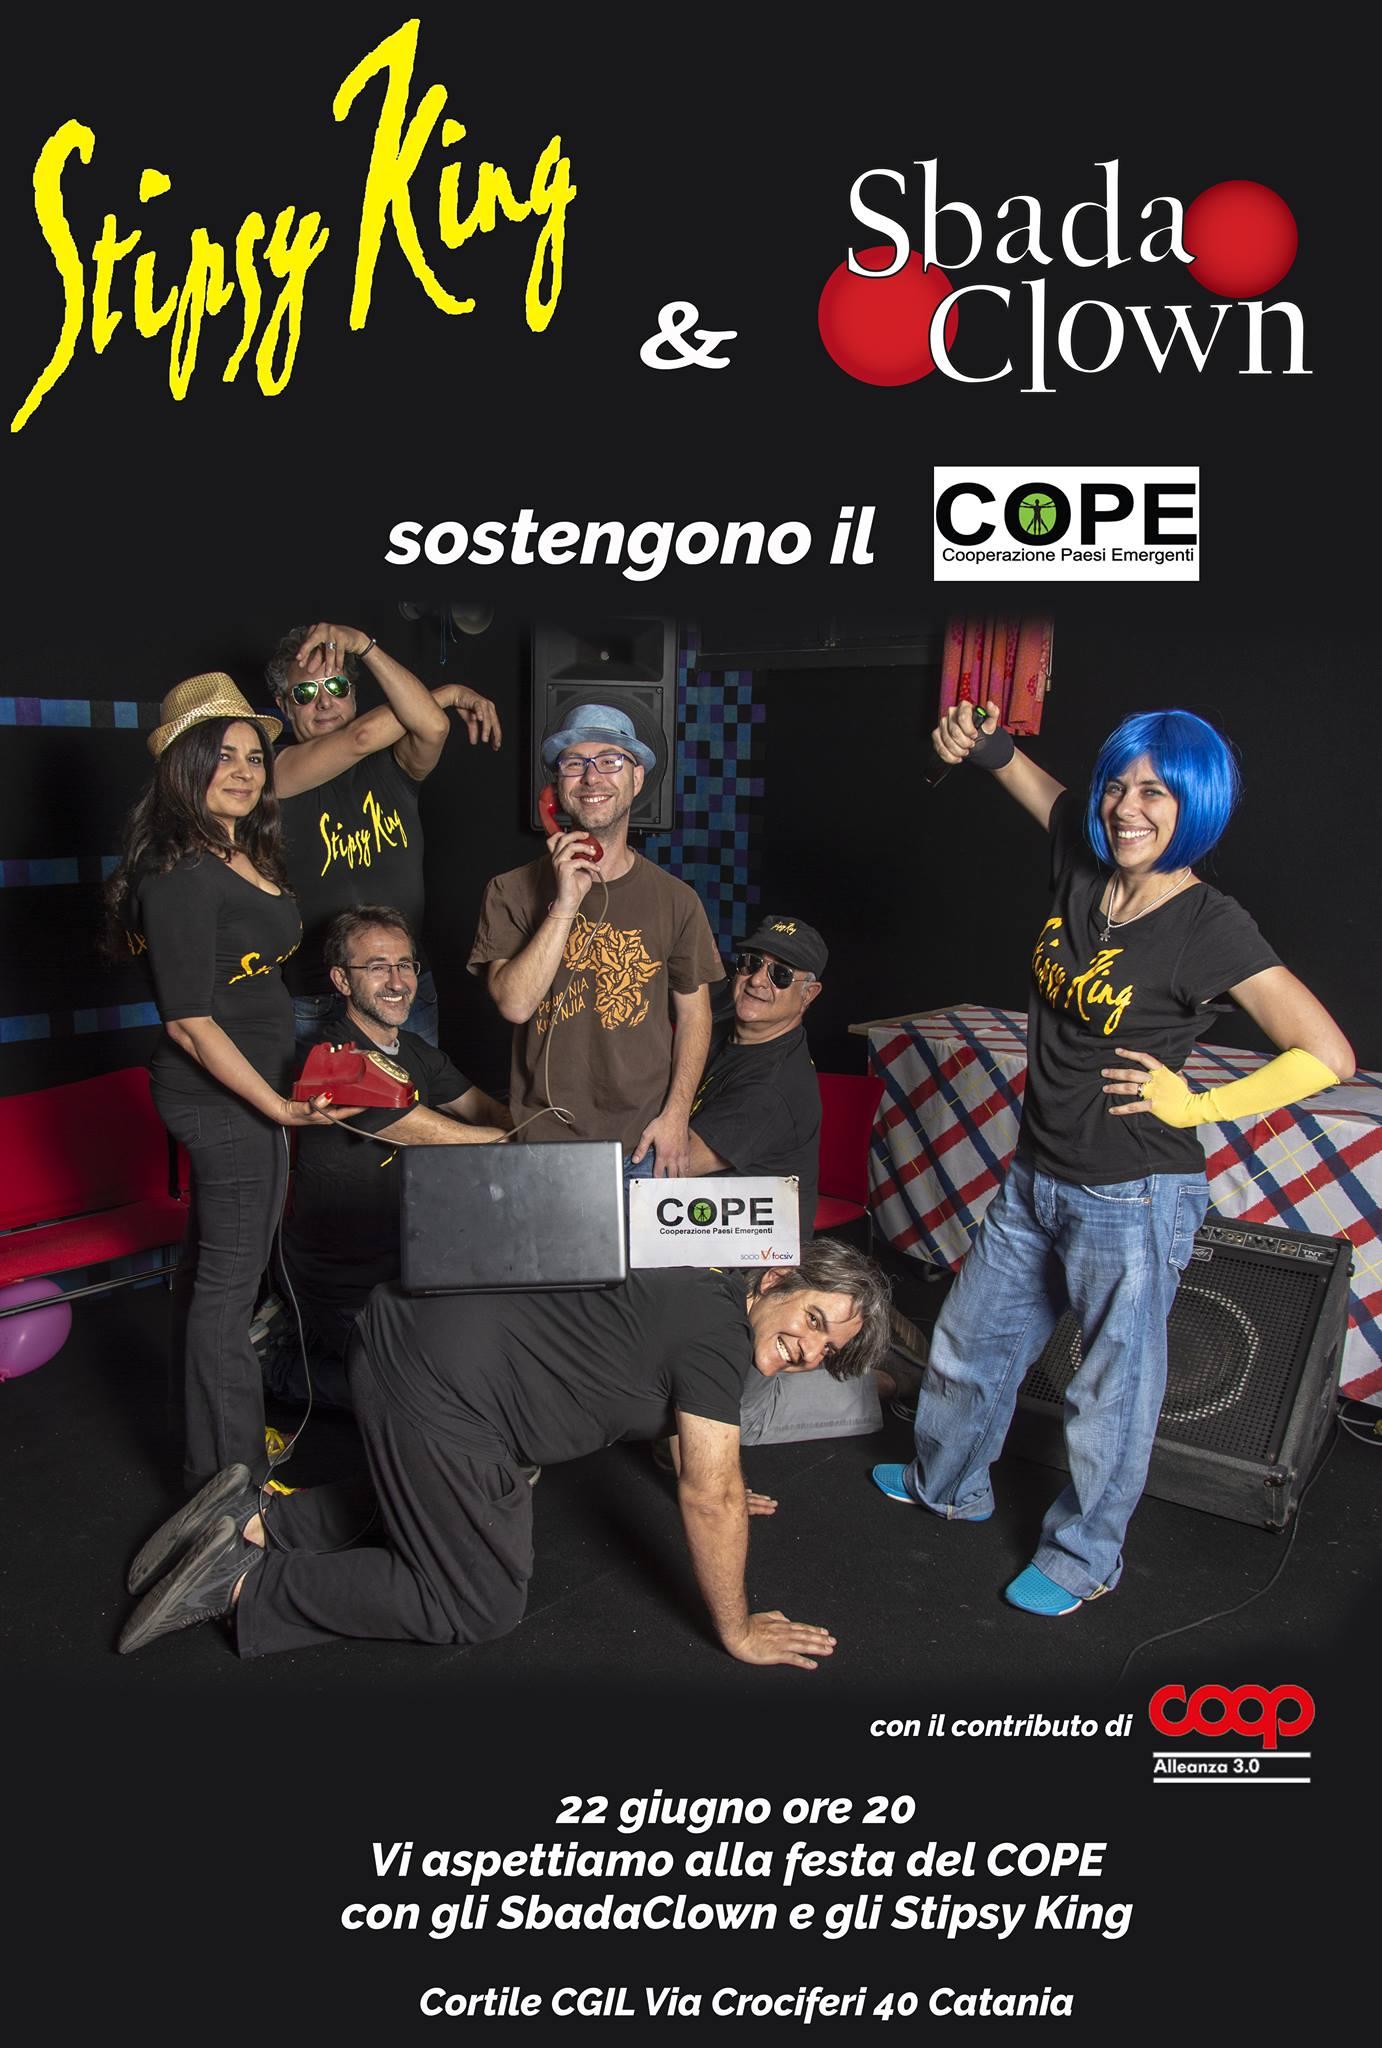 Stipsy King & Sbada Clown sostengono il COPE